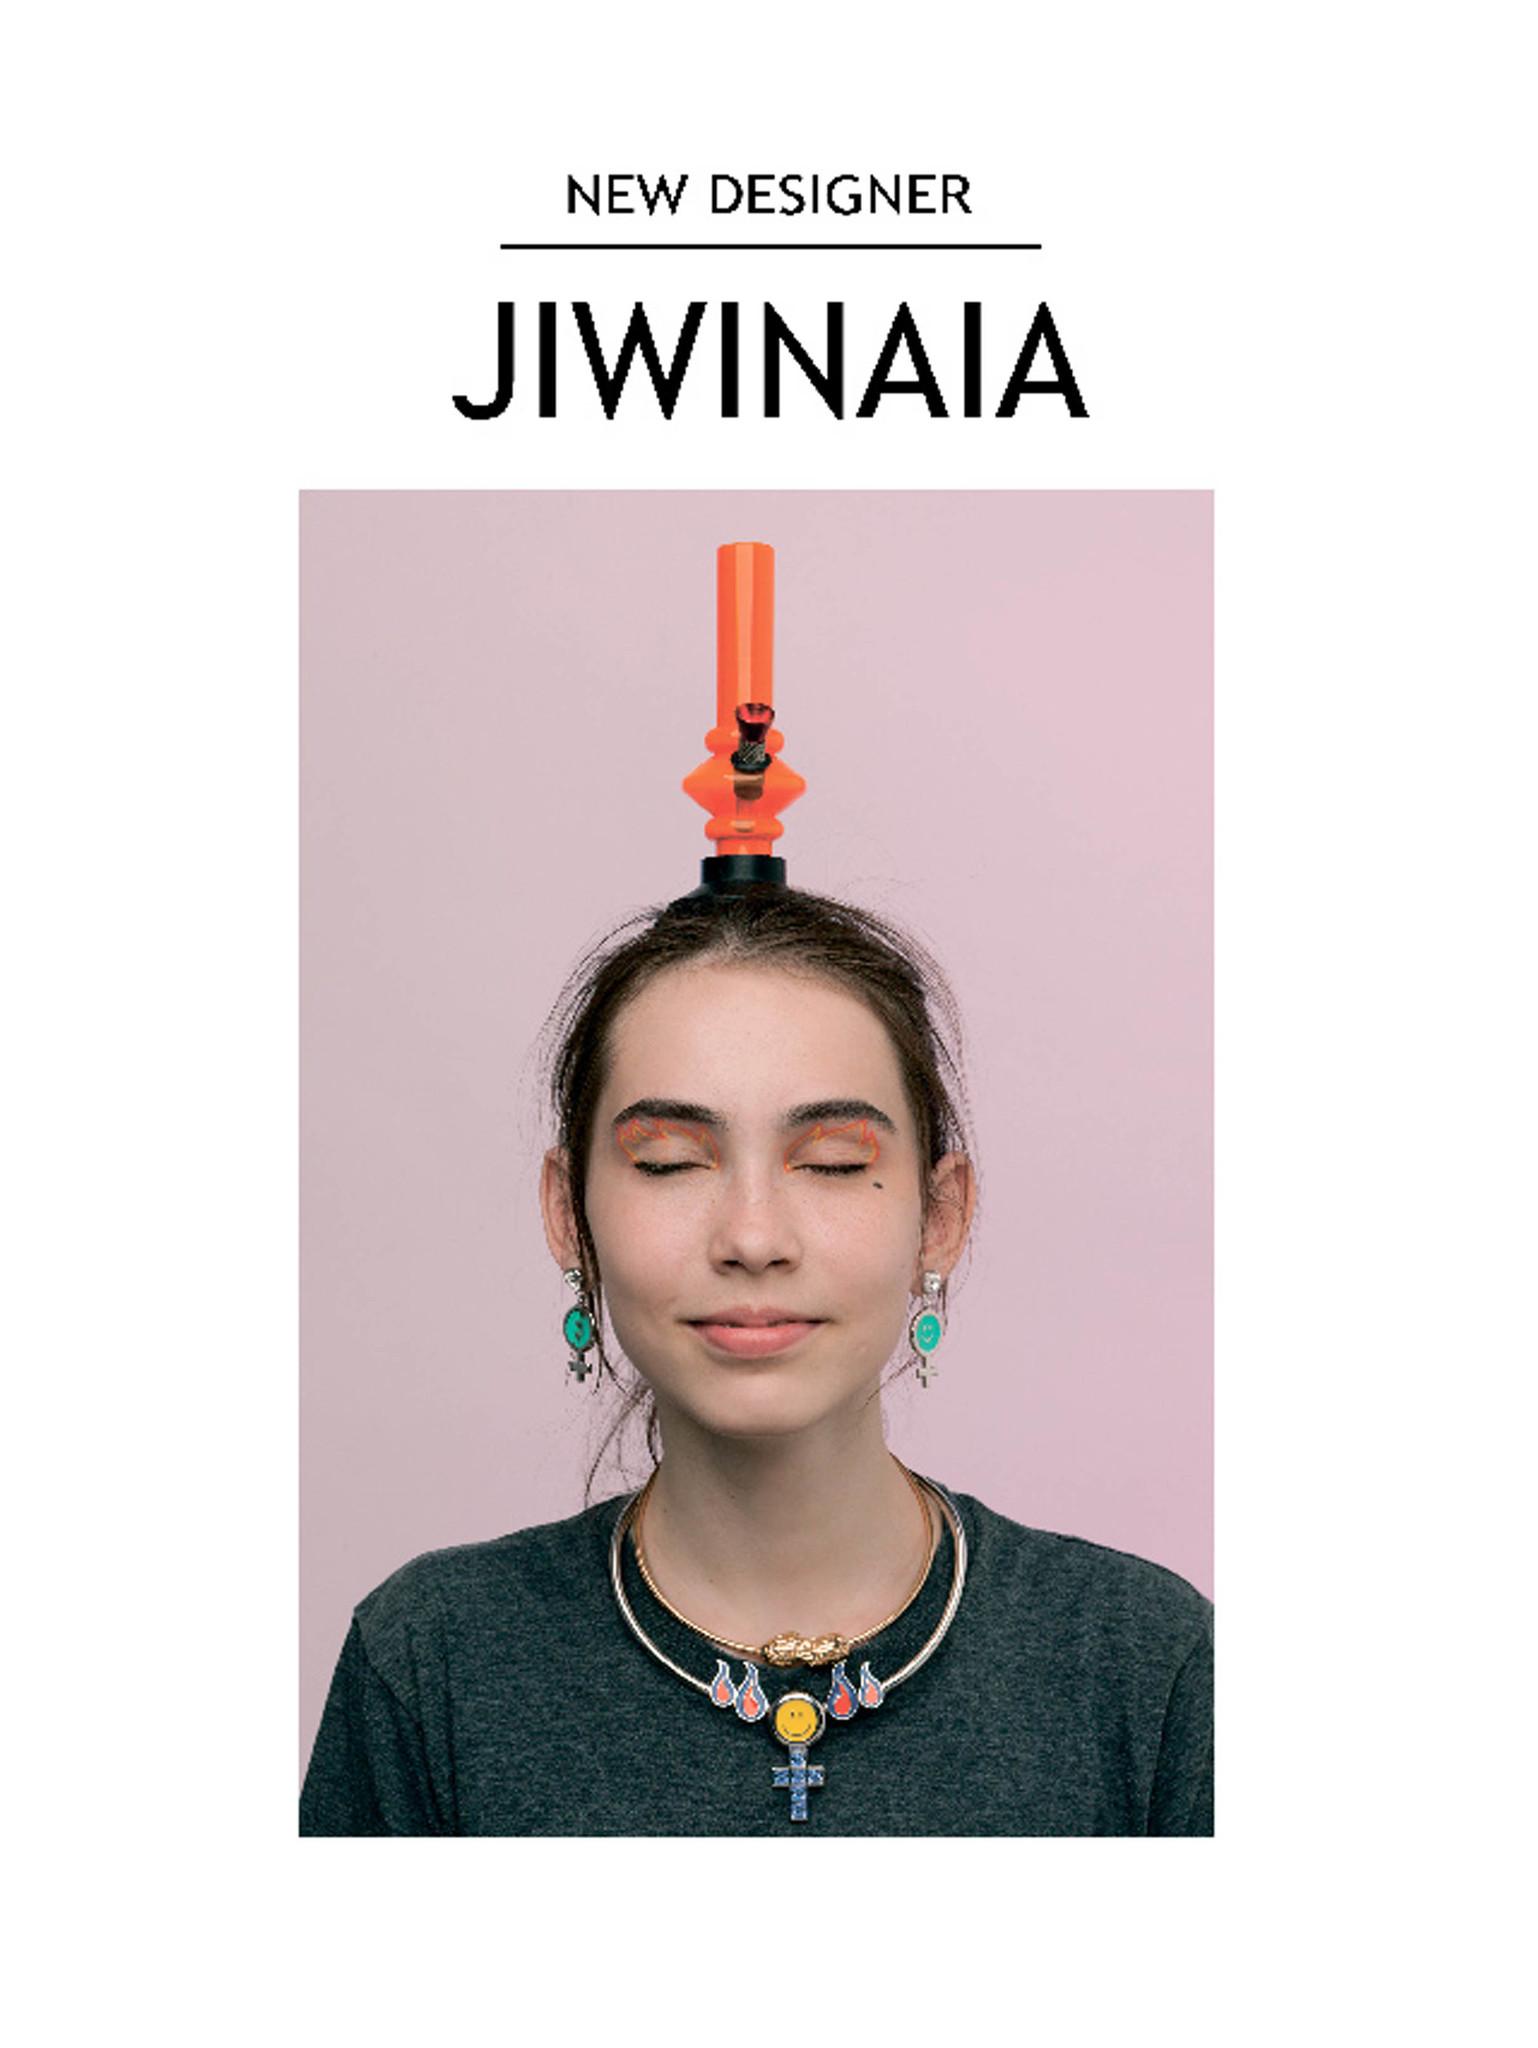 Новый дизайнер Jiwinaia с коллекцией